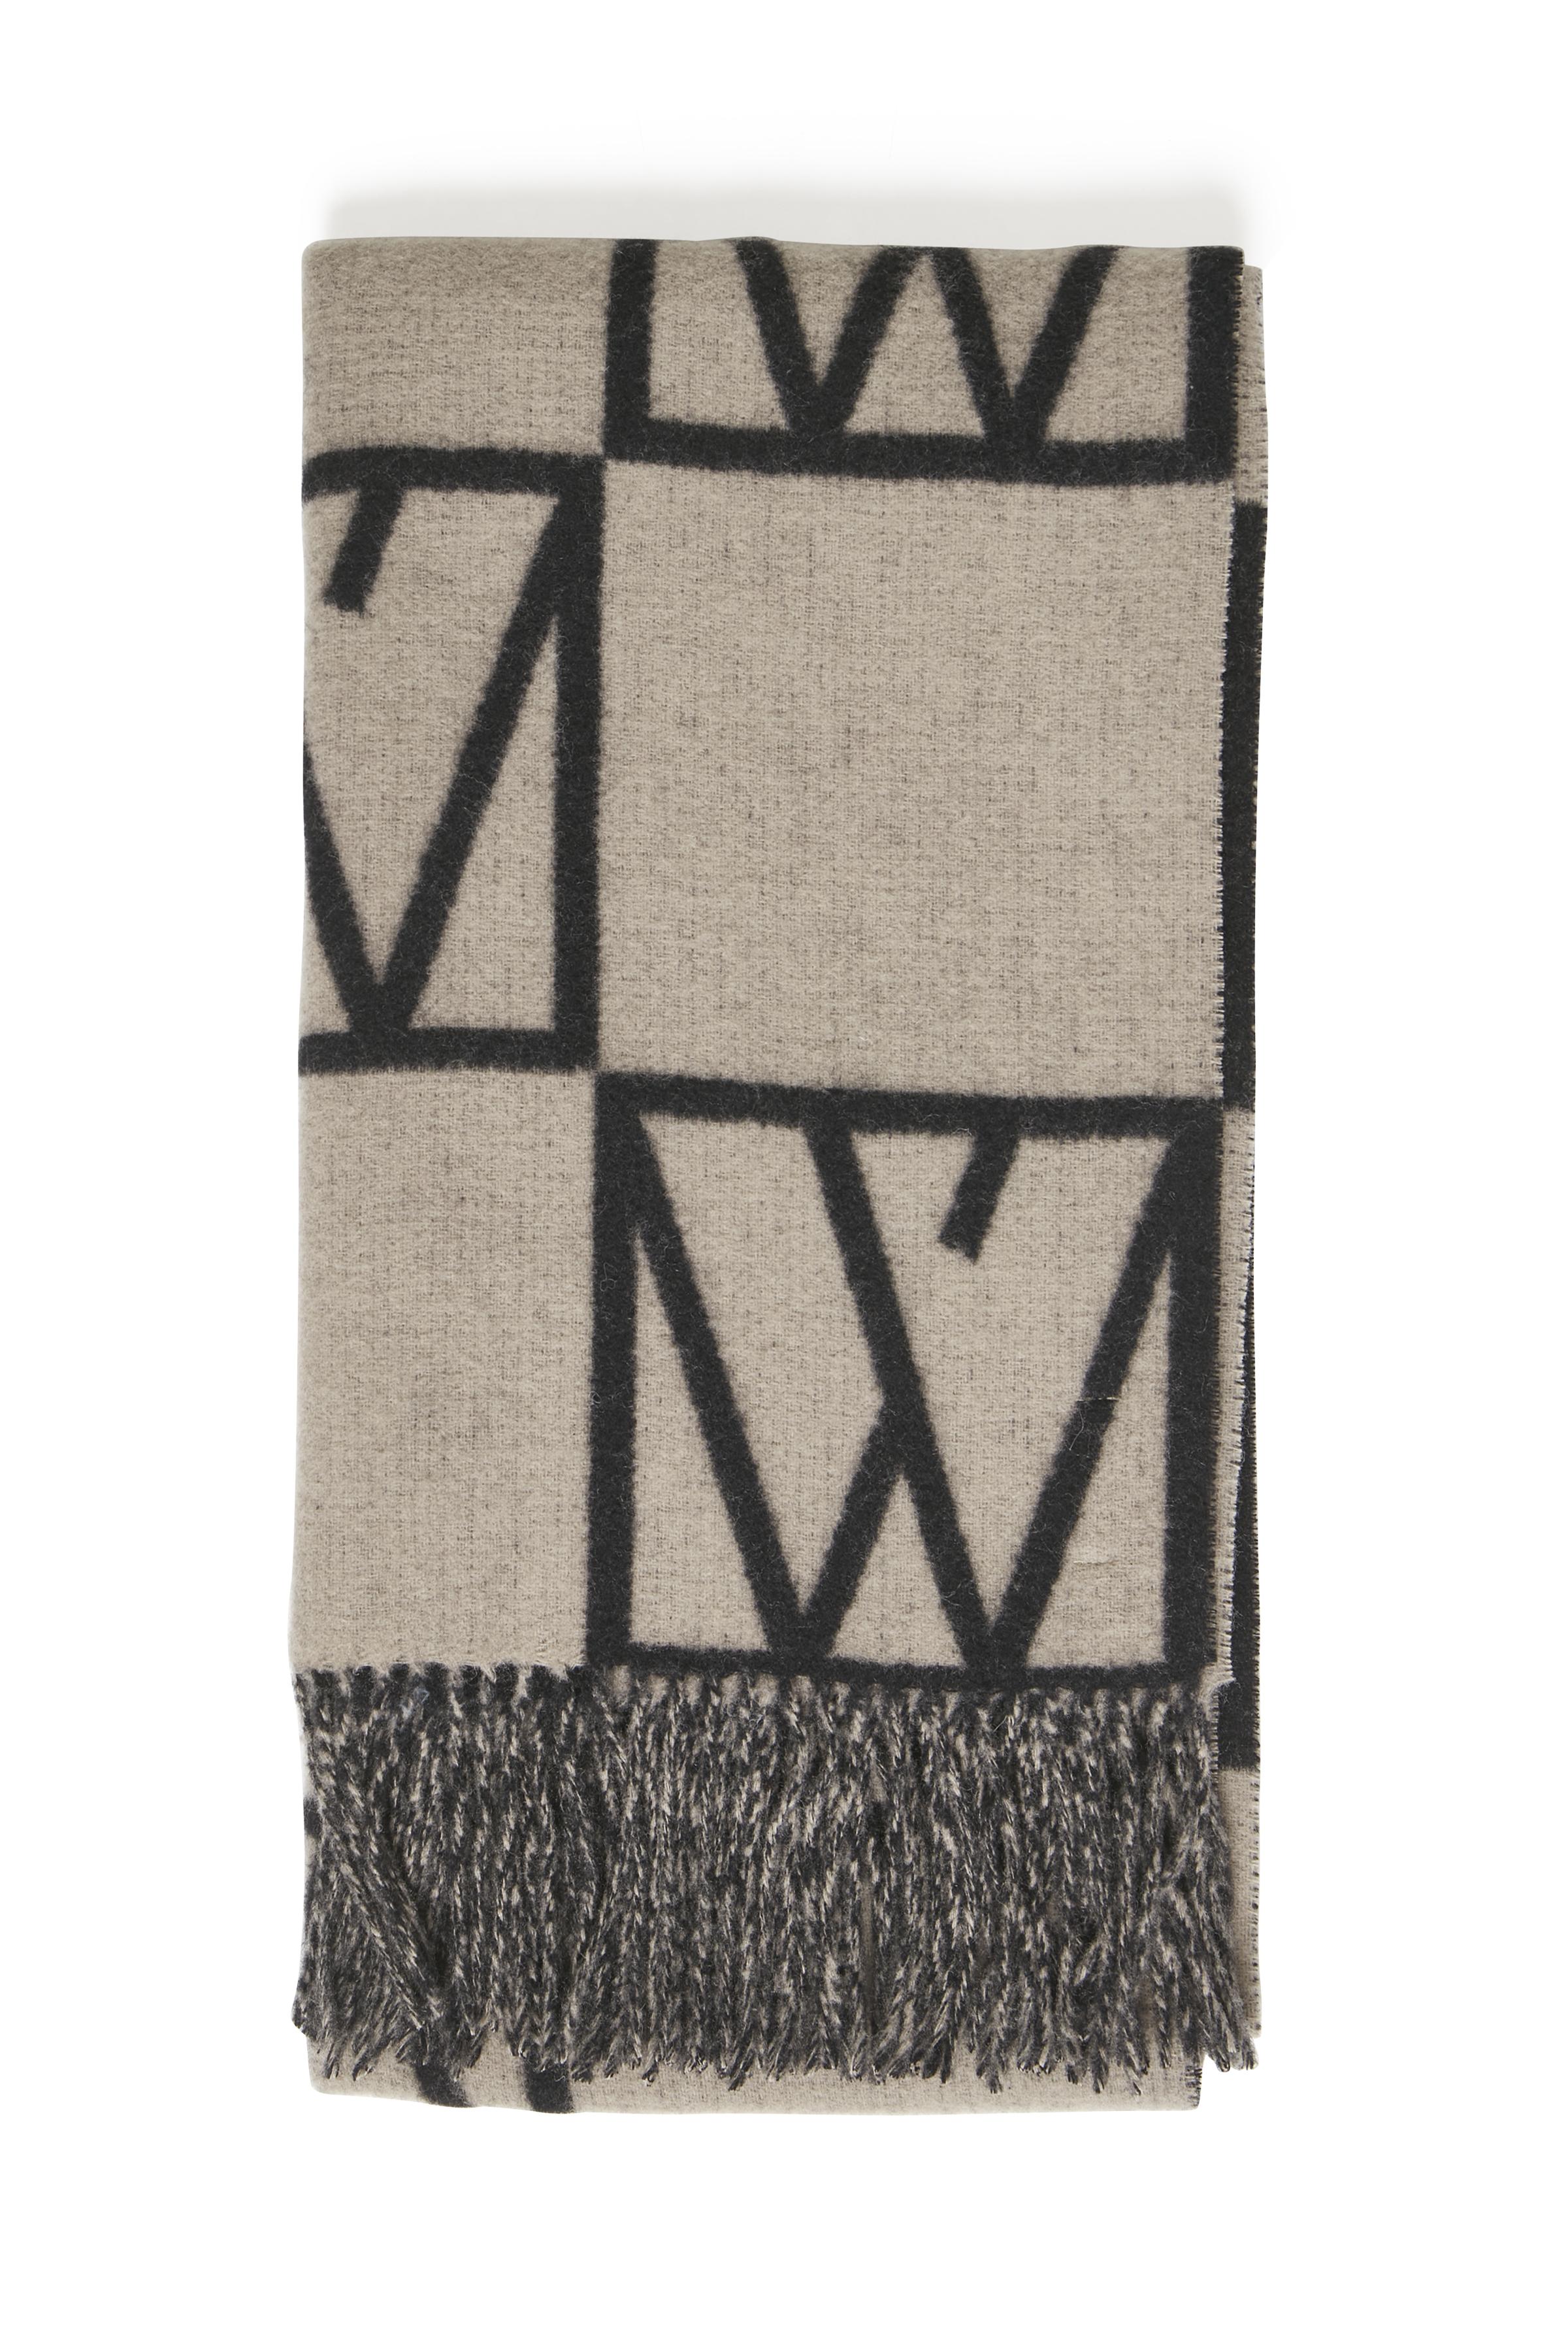 Inwear Myrtheiw halstørklæde, beige